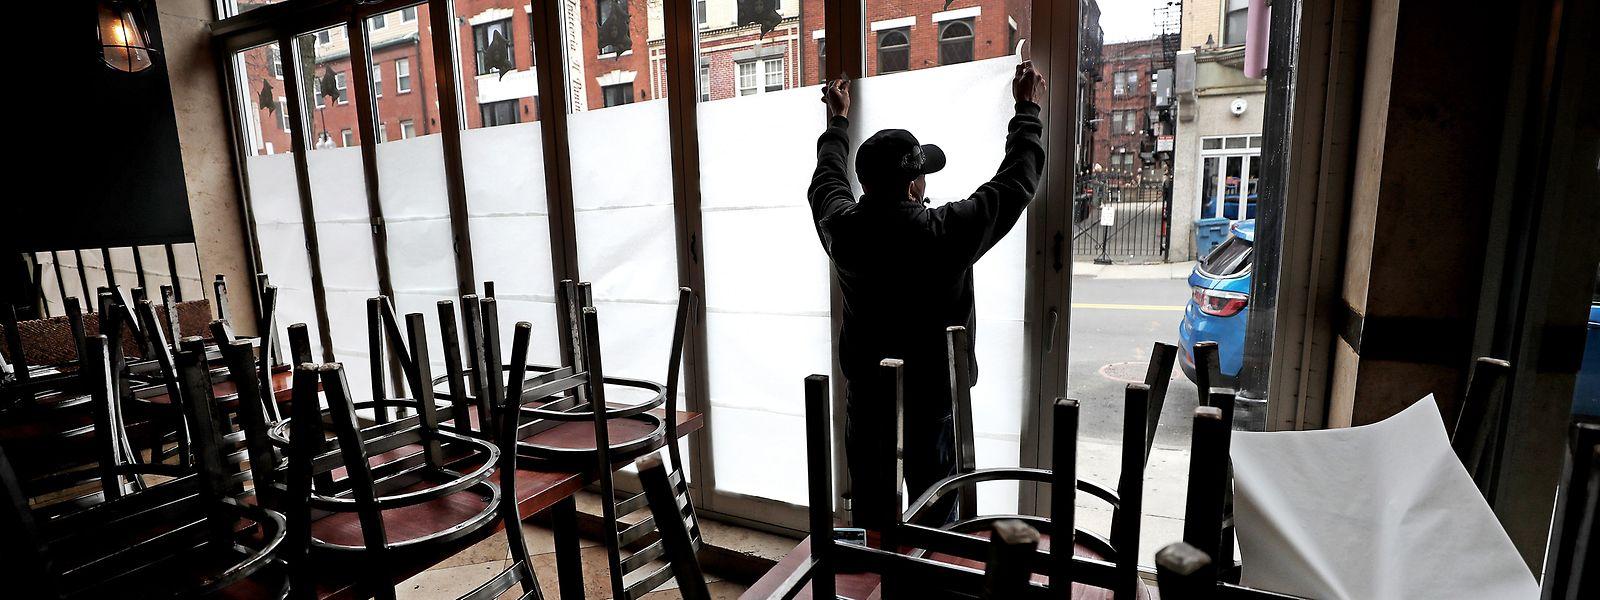 Pour trois semaines, bars et restaurants n'auront plus le droit d'ouvrir.